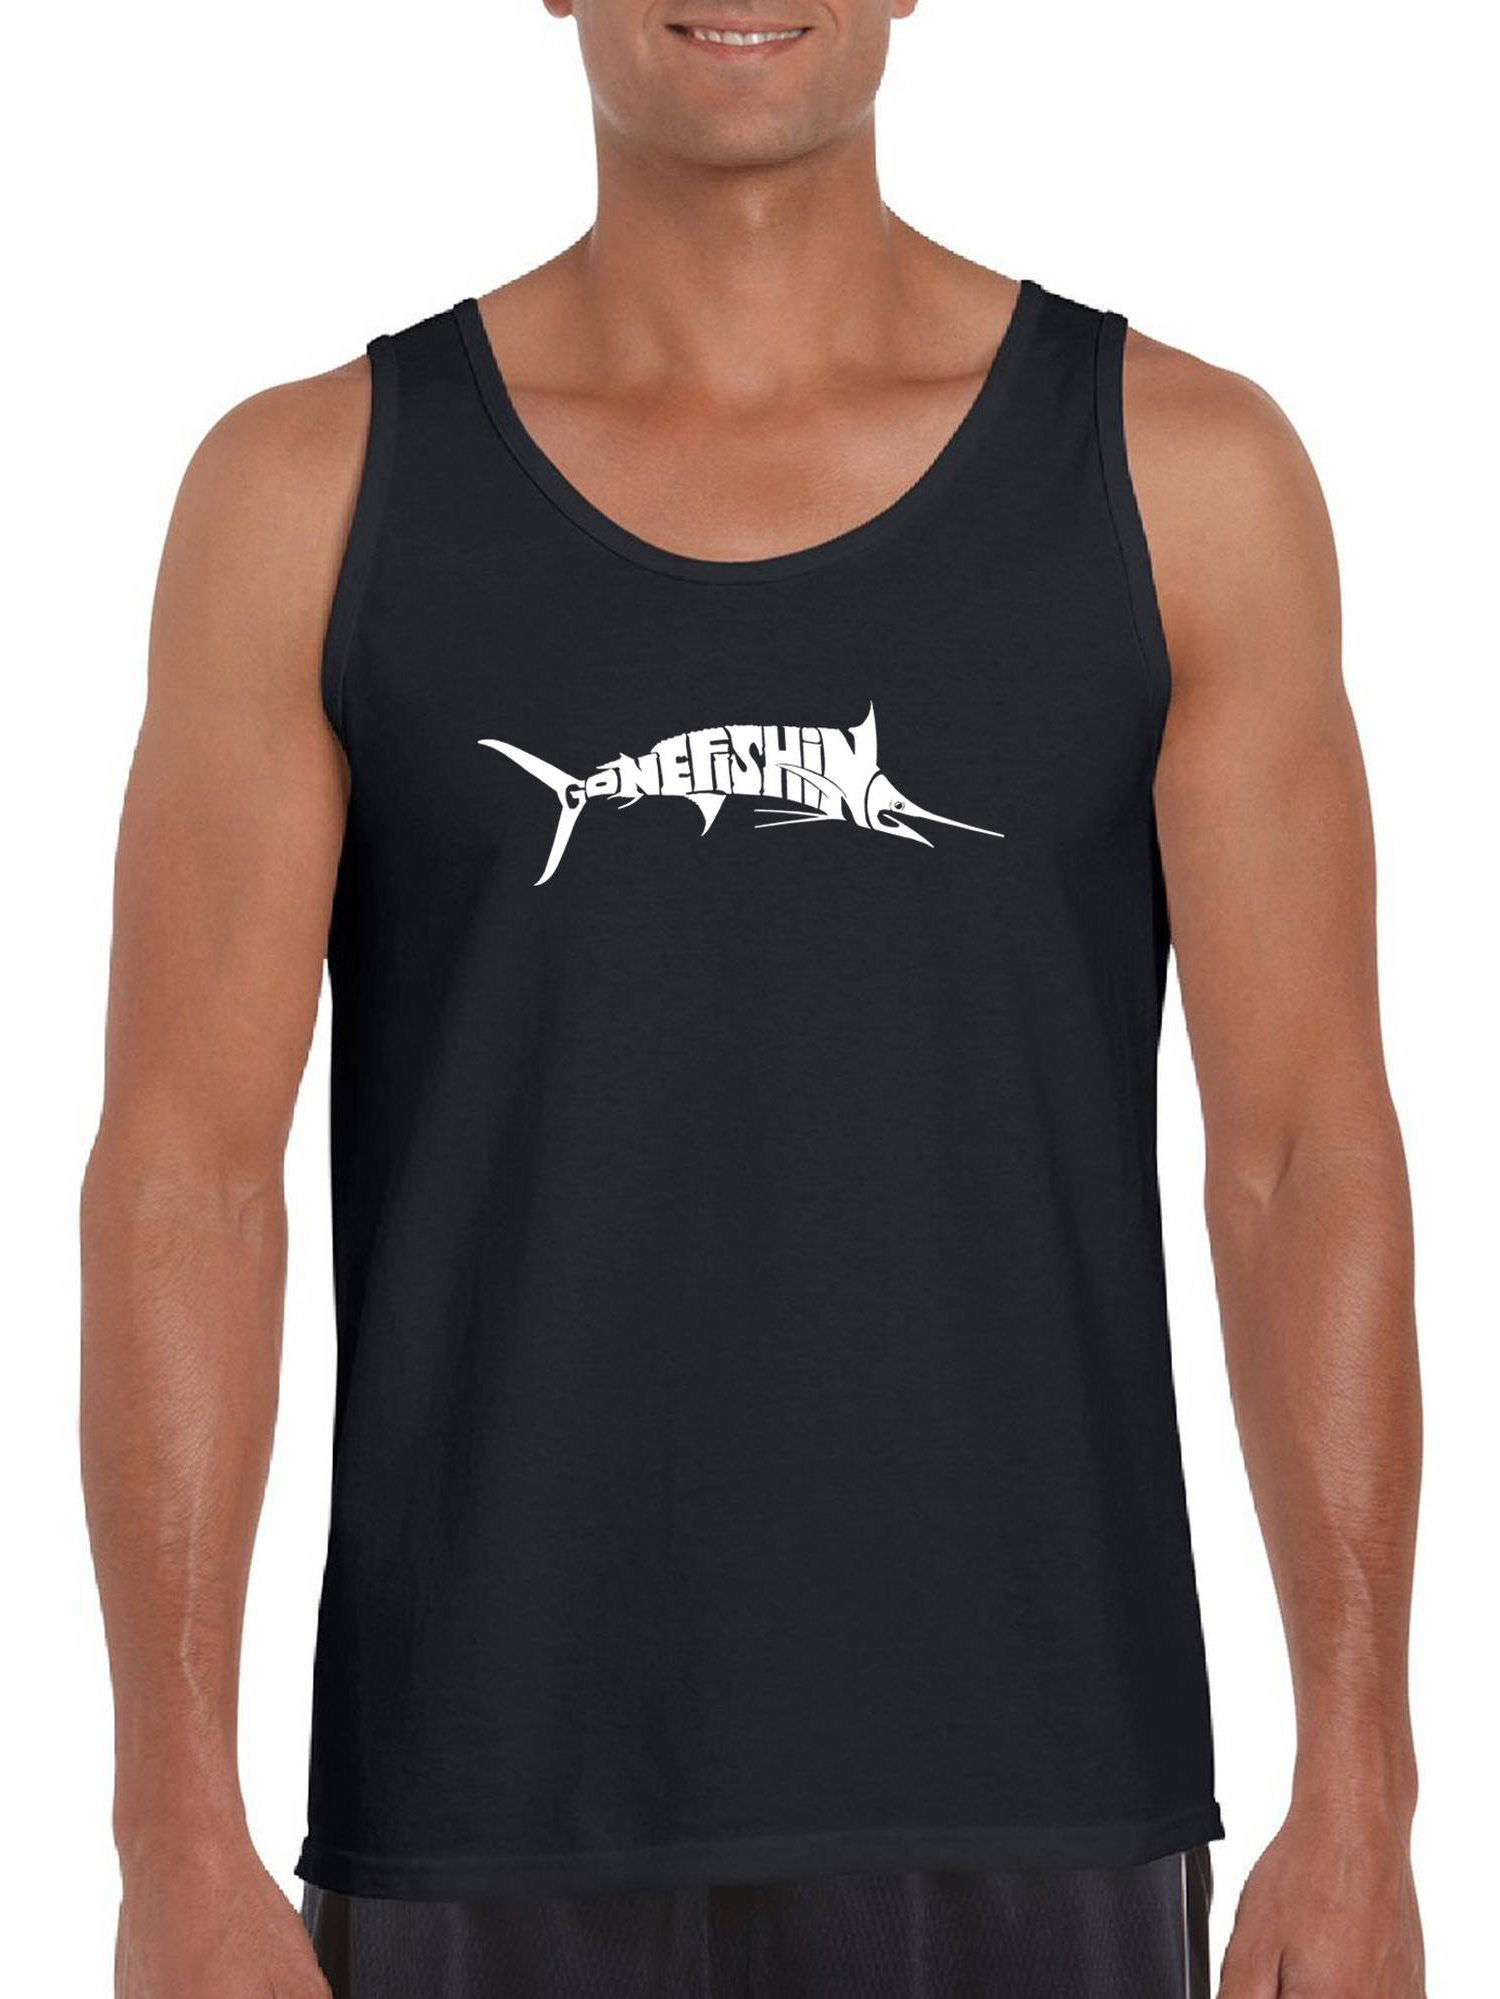 Big Men's Tank Top - Marlin - Gone Fishing